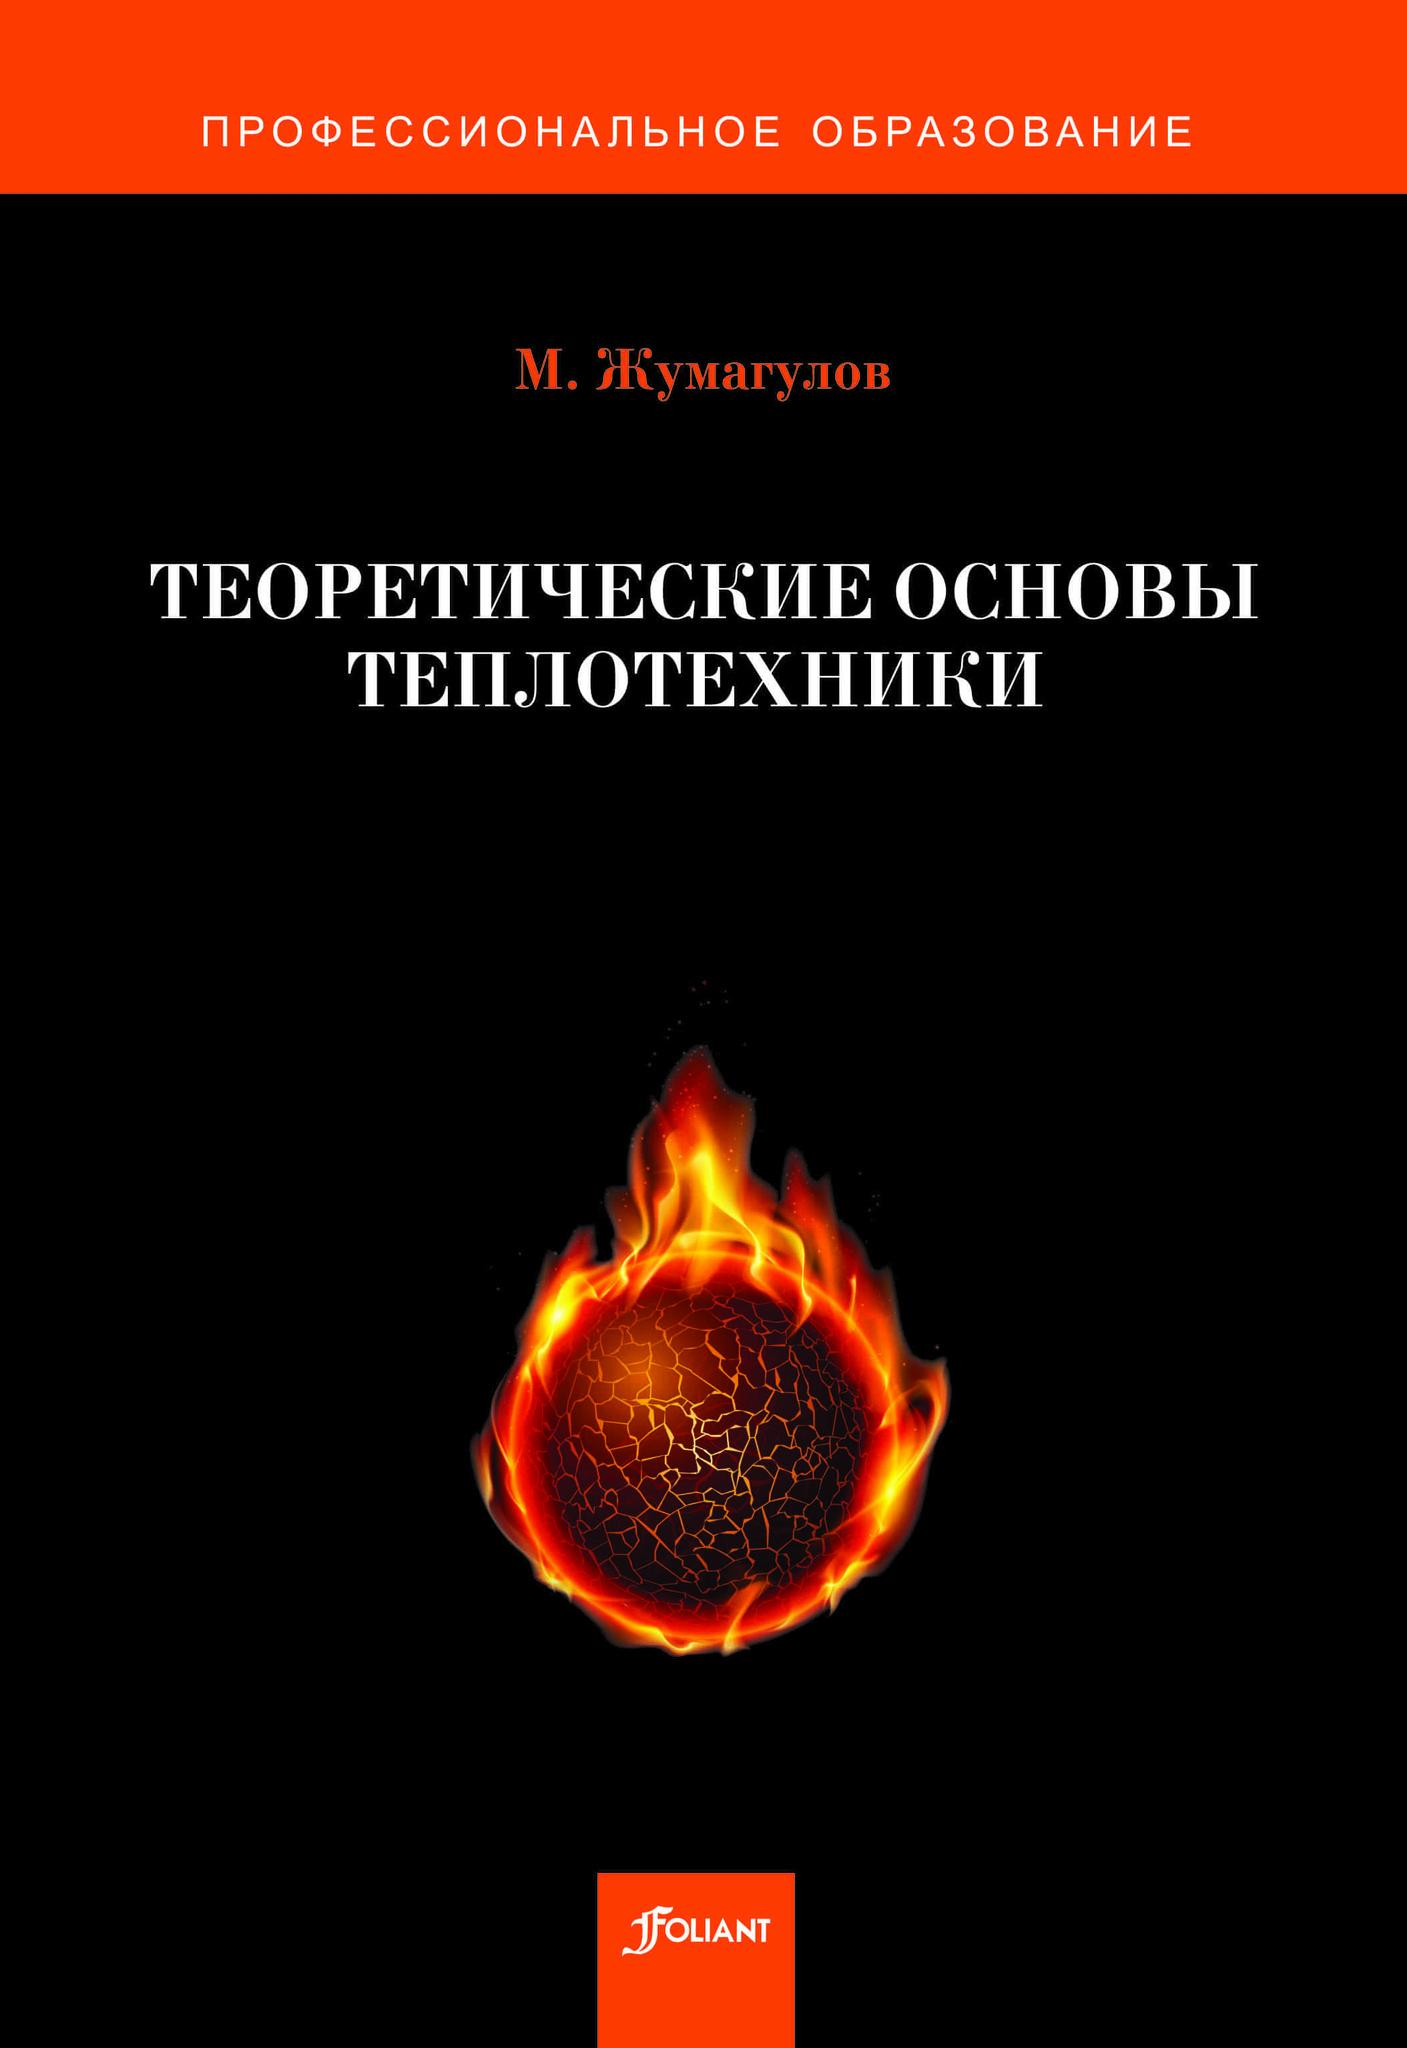 Теоретические основы теплотехники